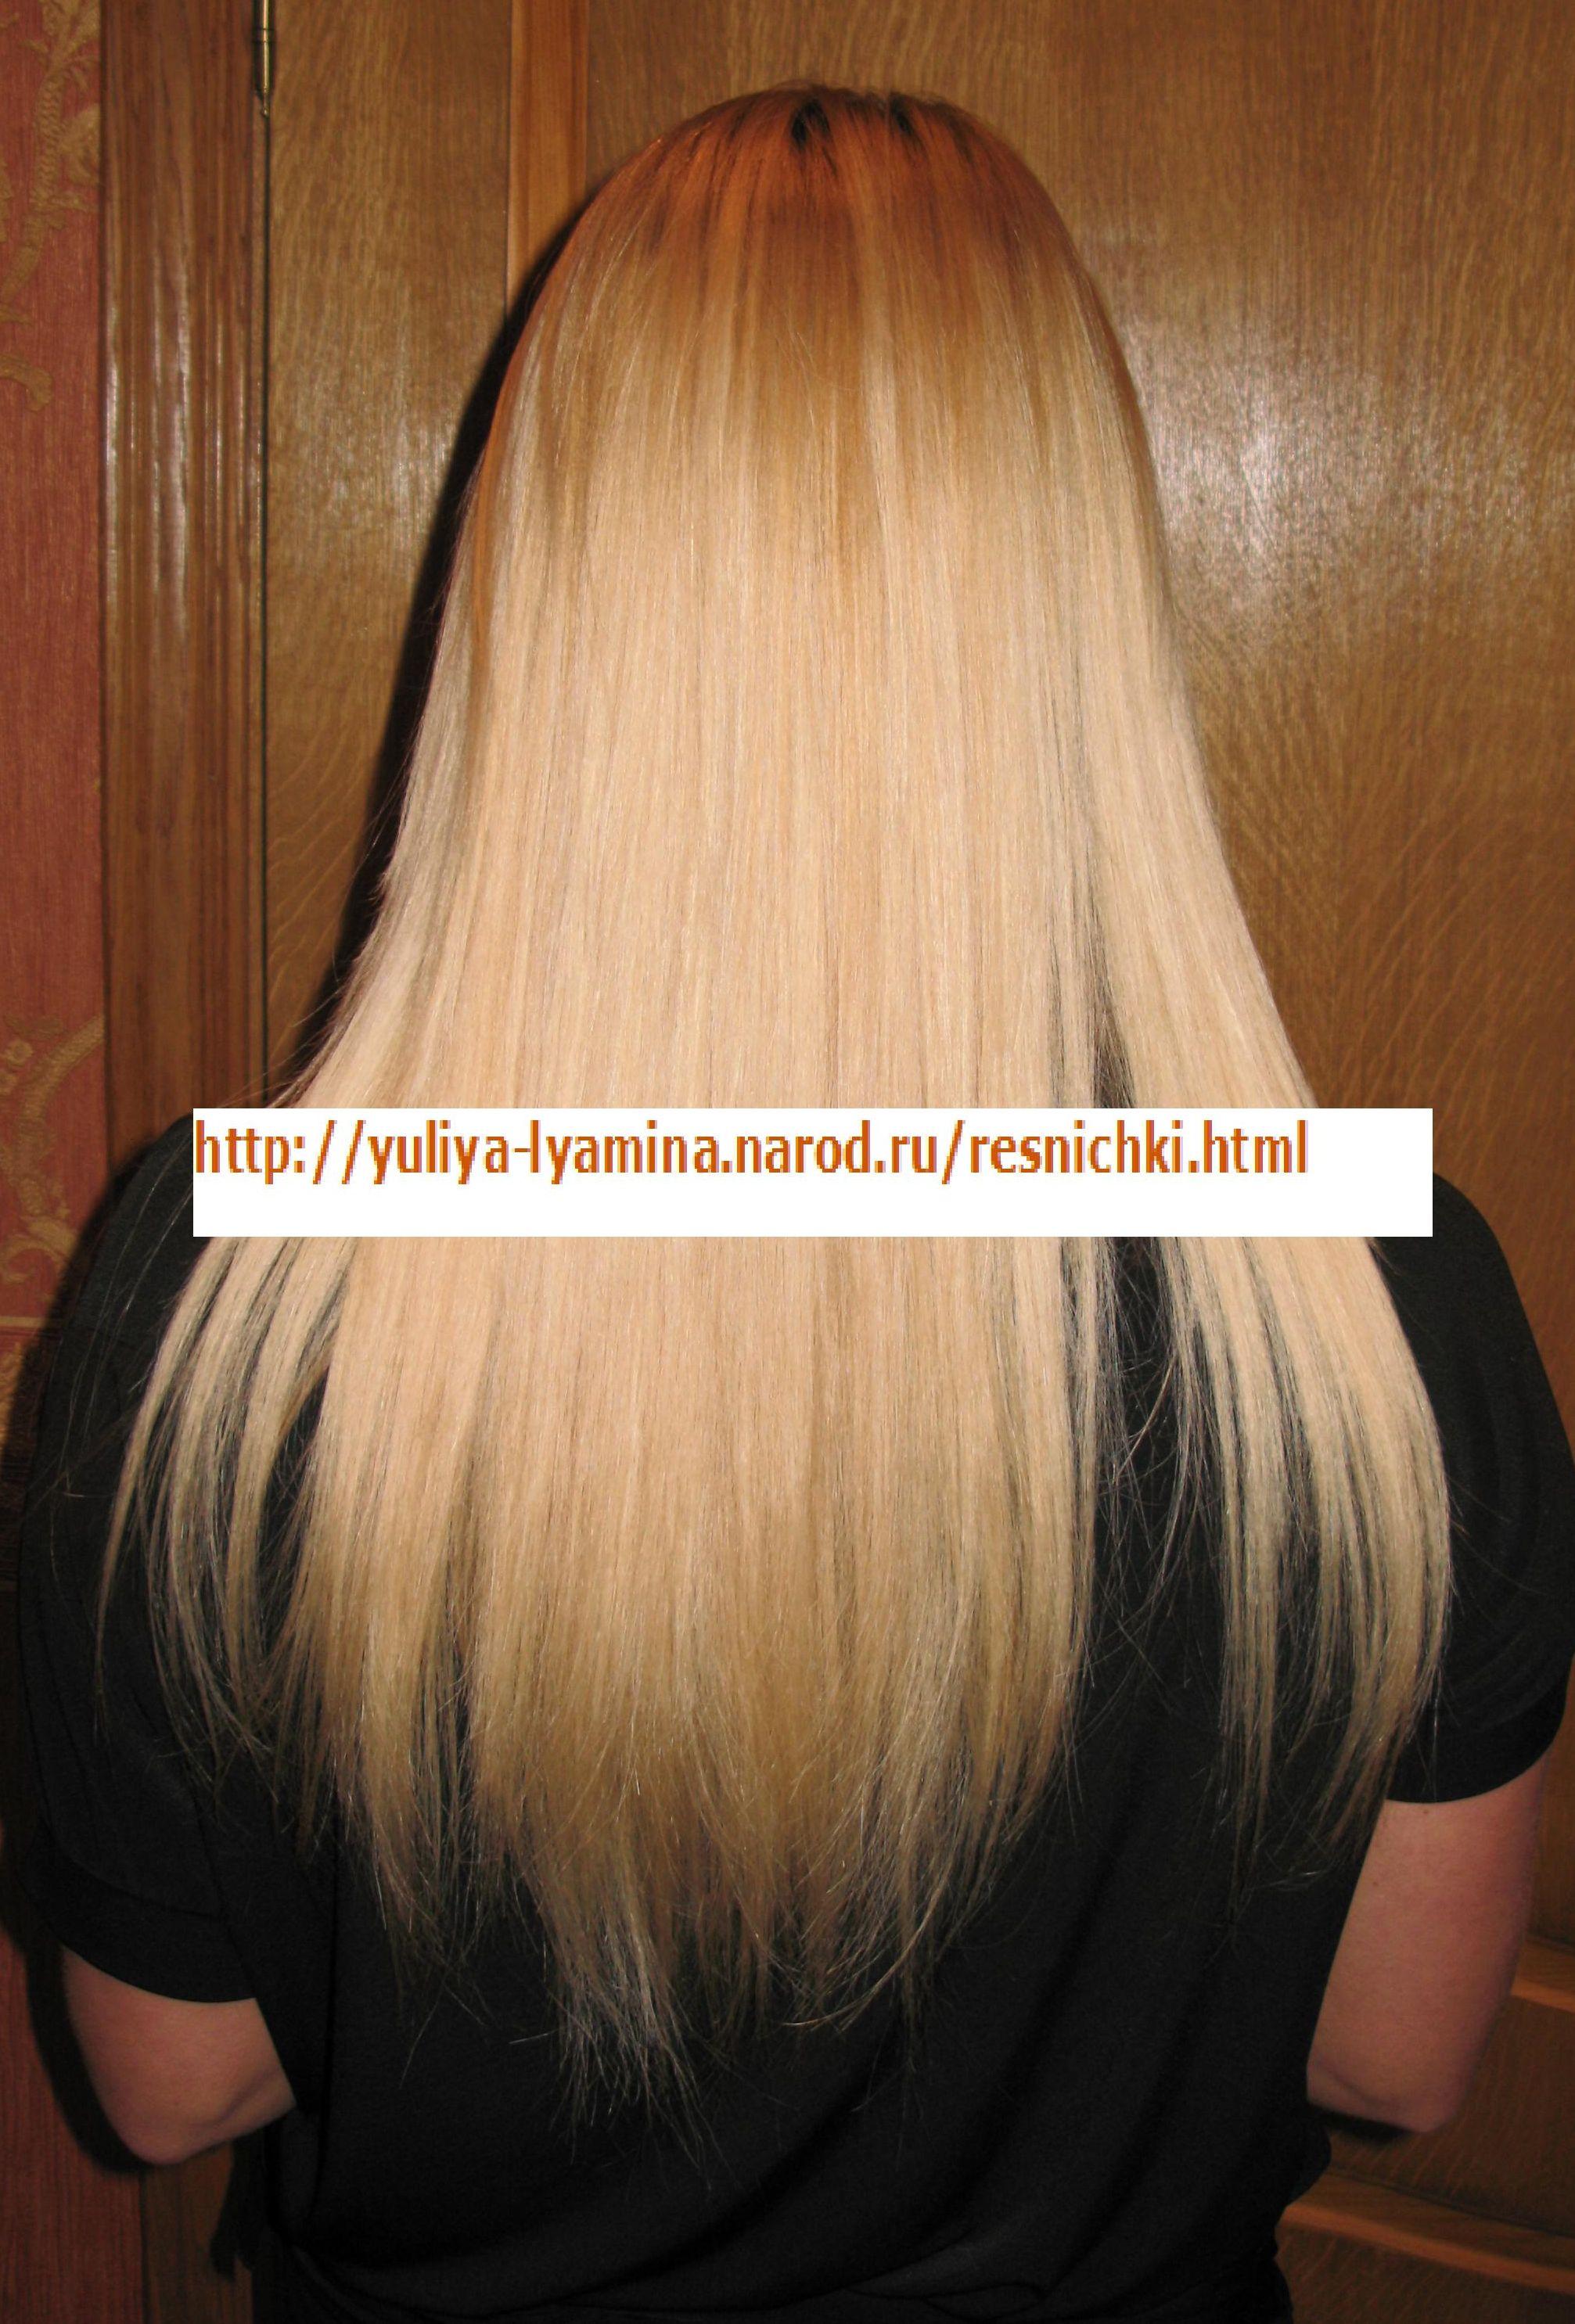 Ленточное наращивание волос  Отзывы покупателей